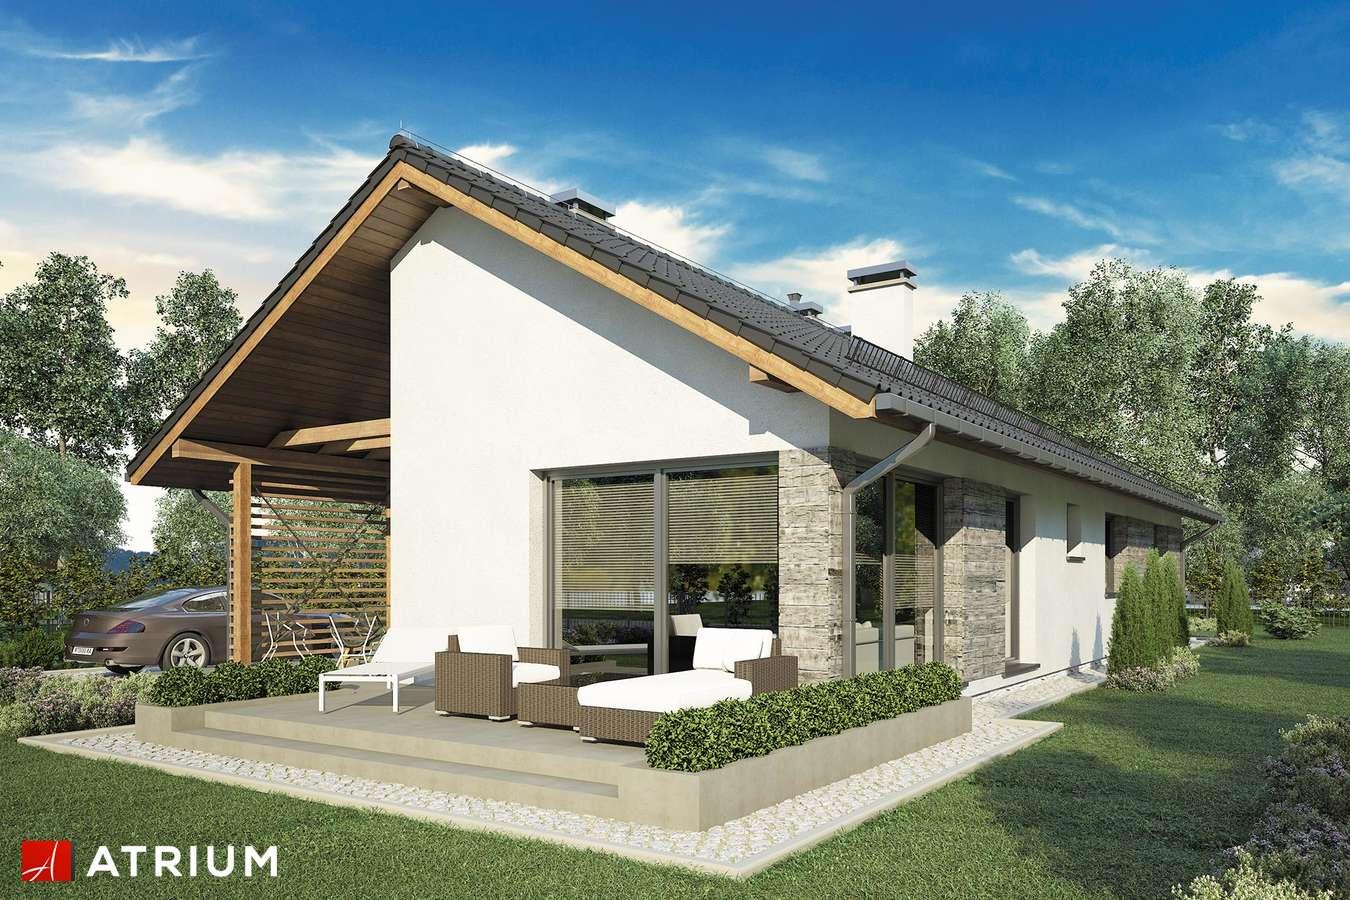 Projekty domów - Projekt domu parterowego OLIMPIA - wizualizacja 1 - wersja lustrzana